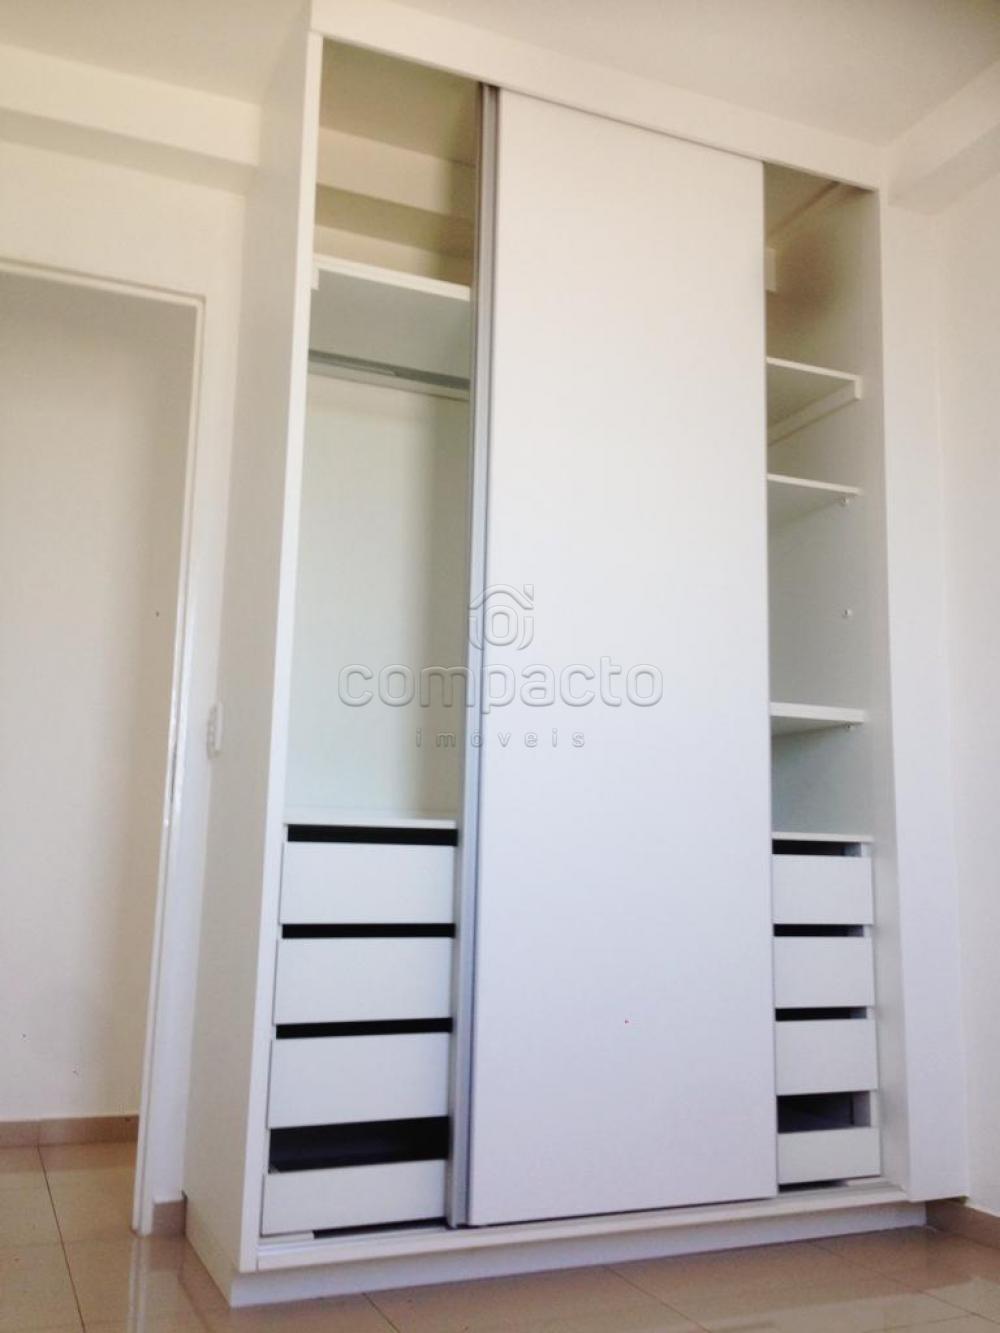 Comprar Apartamento / Padrão em São José do Rio Preto apenas R$ 240.000,00 - Foto 11